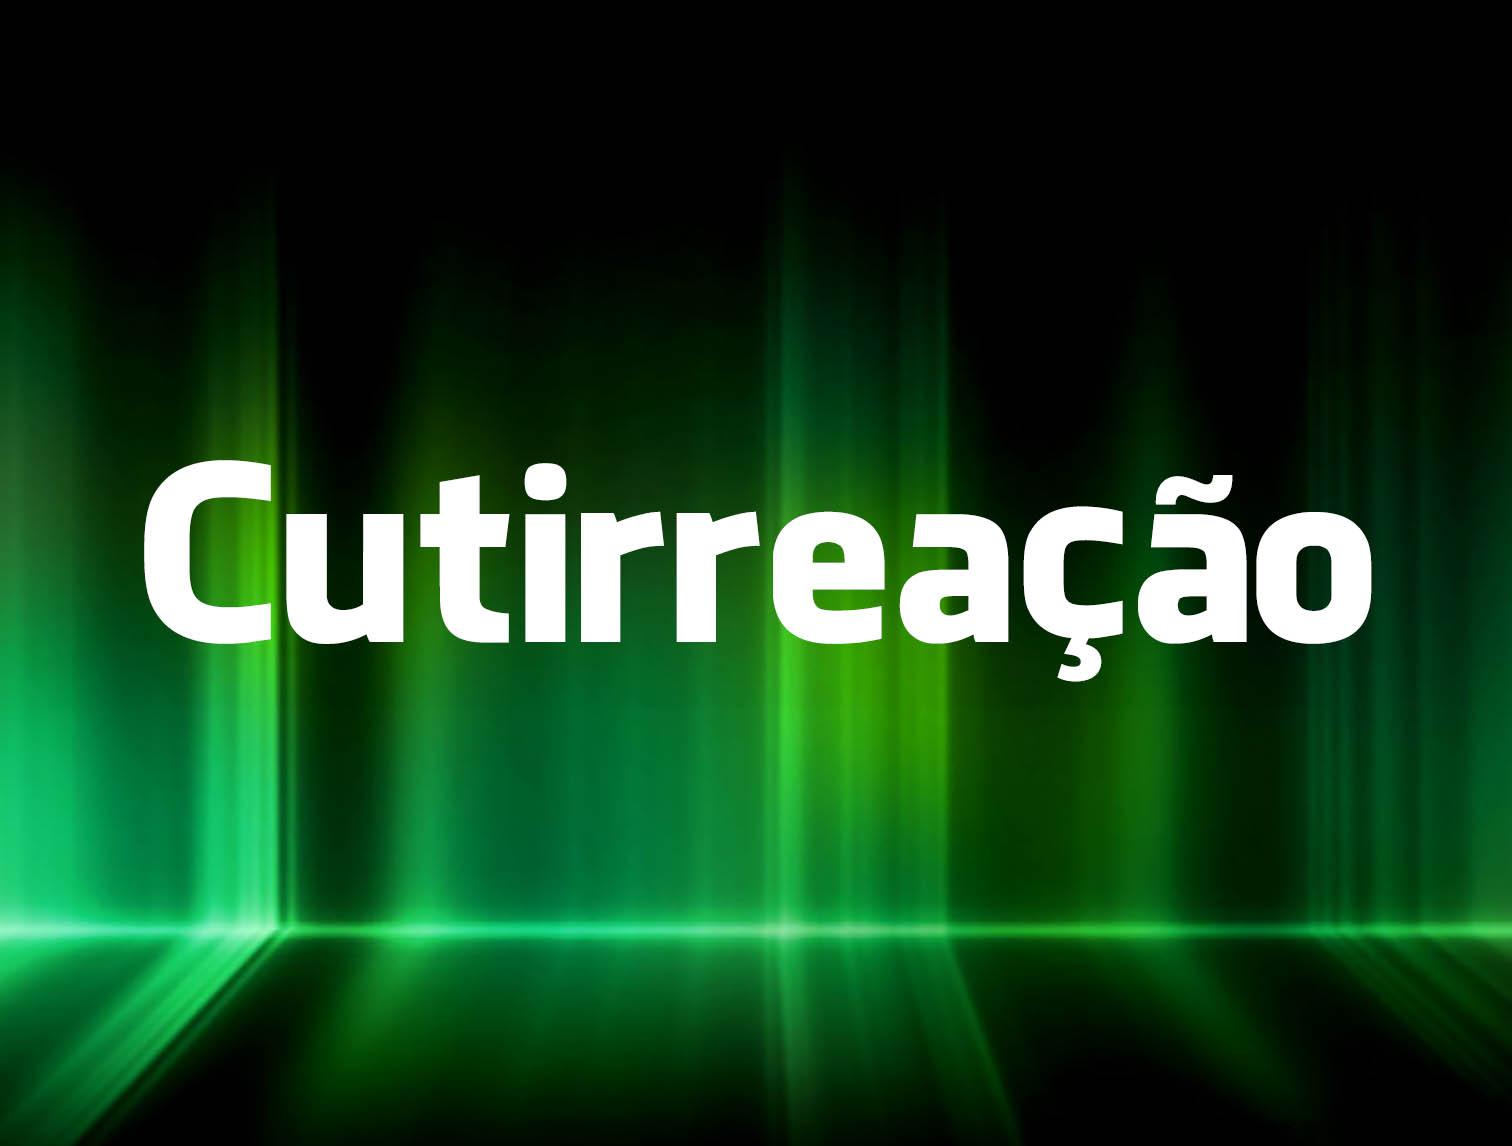 Língua Portuguesa: 8 palavras que você (quase de certeza) não conhece